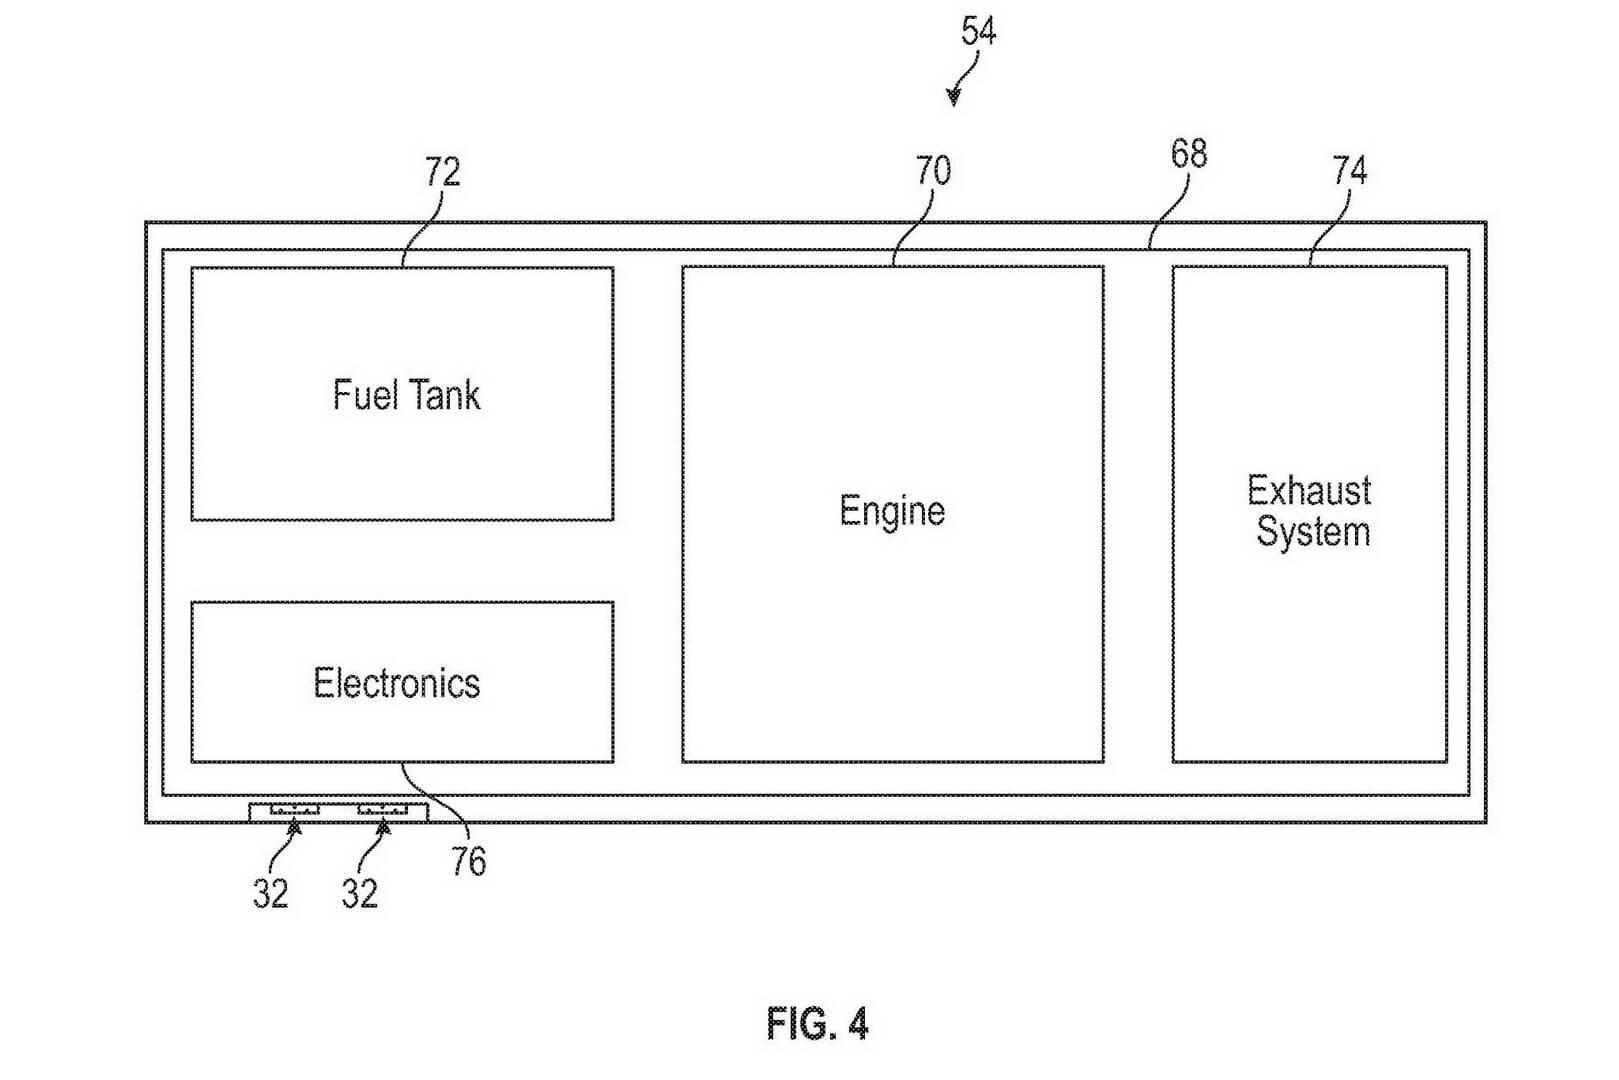 Ford F-150 может получить технологию подобную BMW i3 Rex